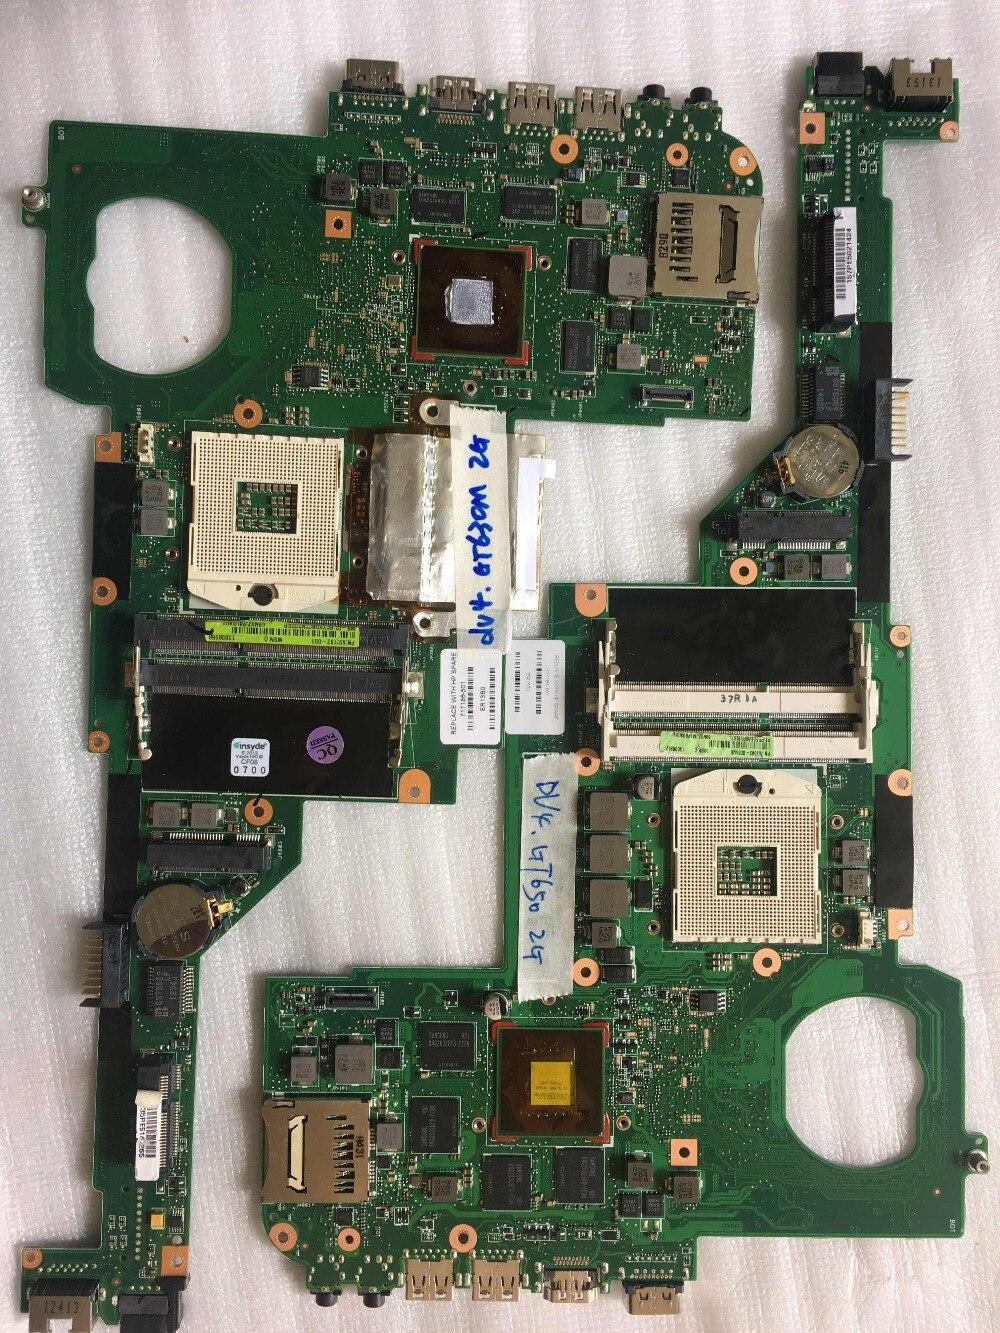 Dv4-5000 717183-501 gt650 717186-001 gt630 702664-001 gt635 connecter bord connecter avec carte mère tour connecter conseil